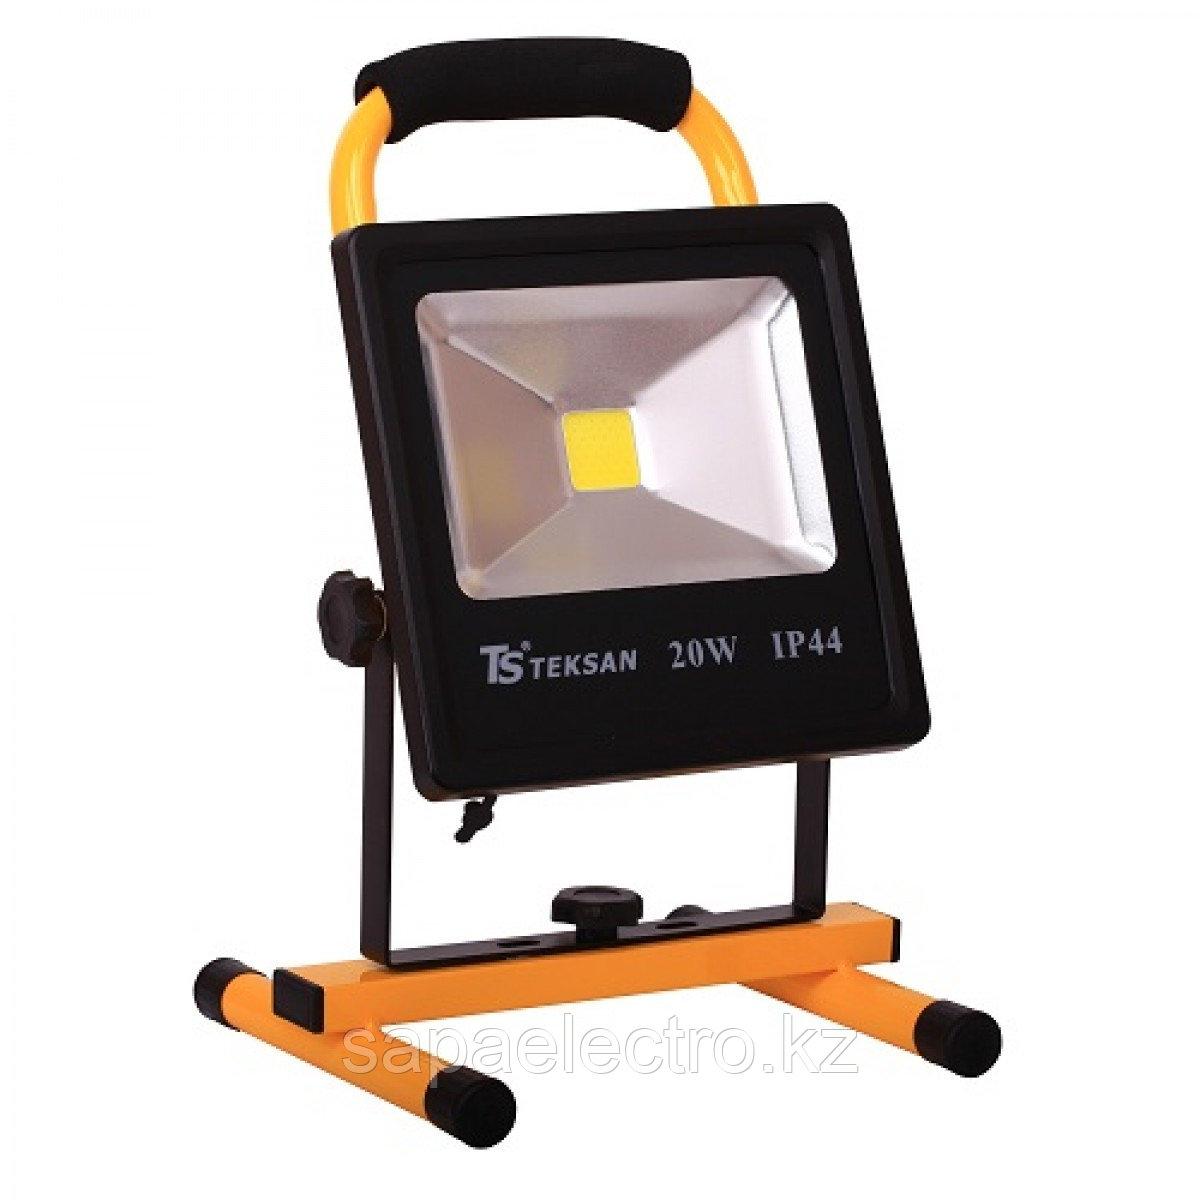 Прожектор LED SLIM 20W Перезаряжаемый с держателем